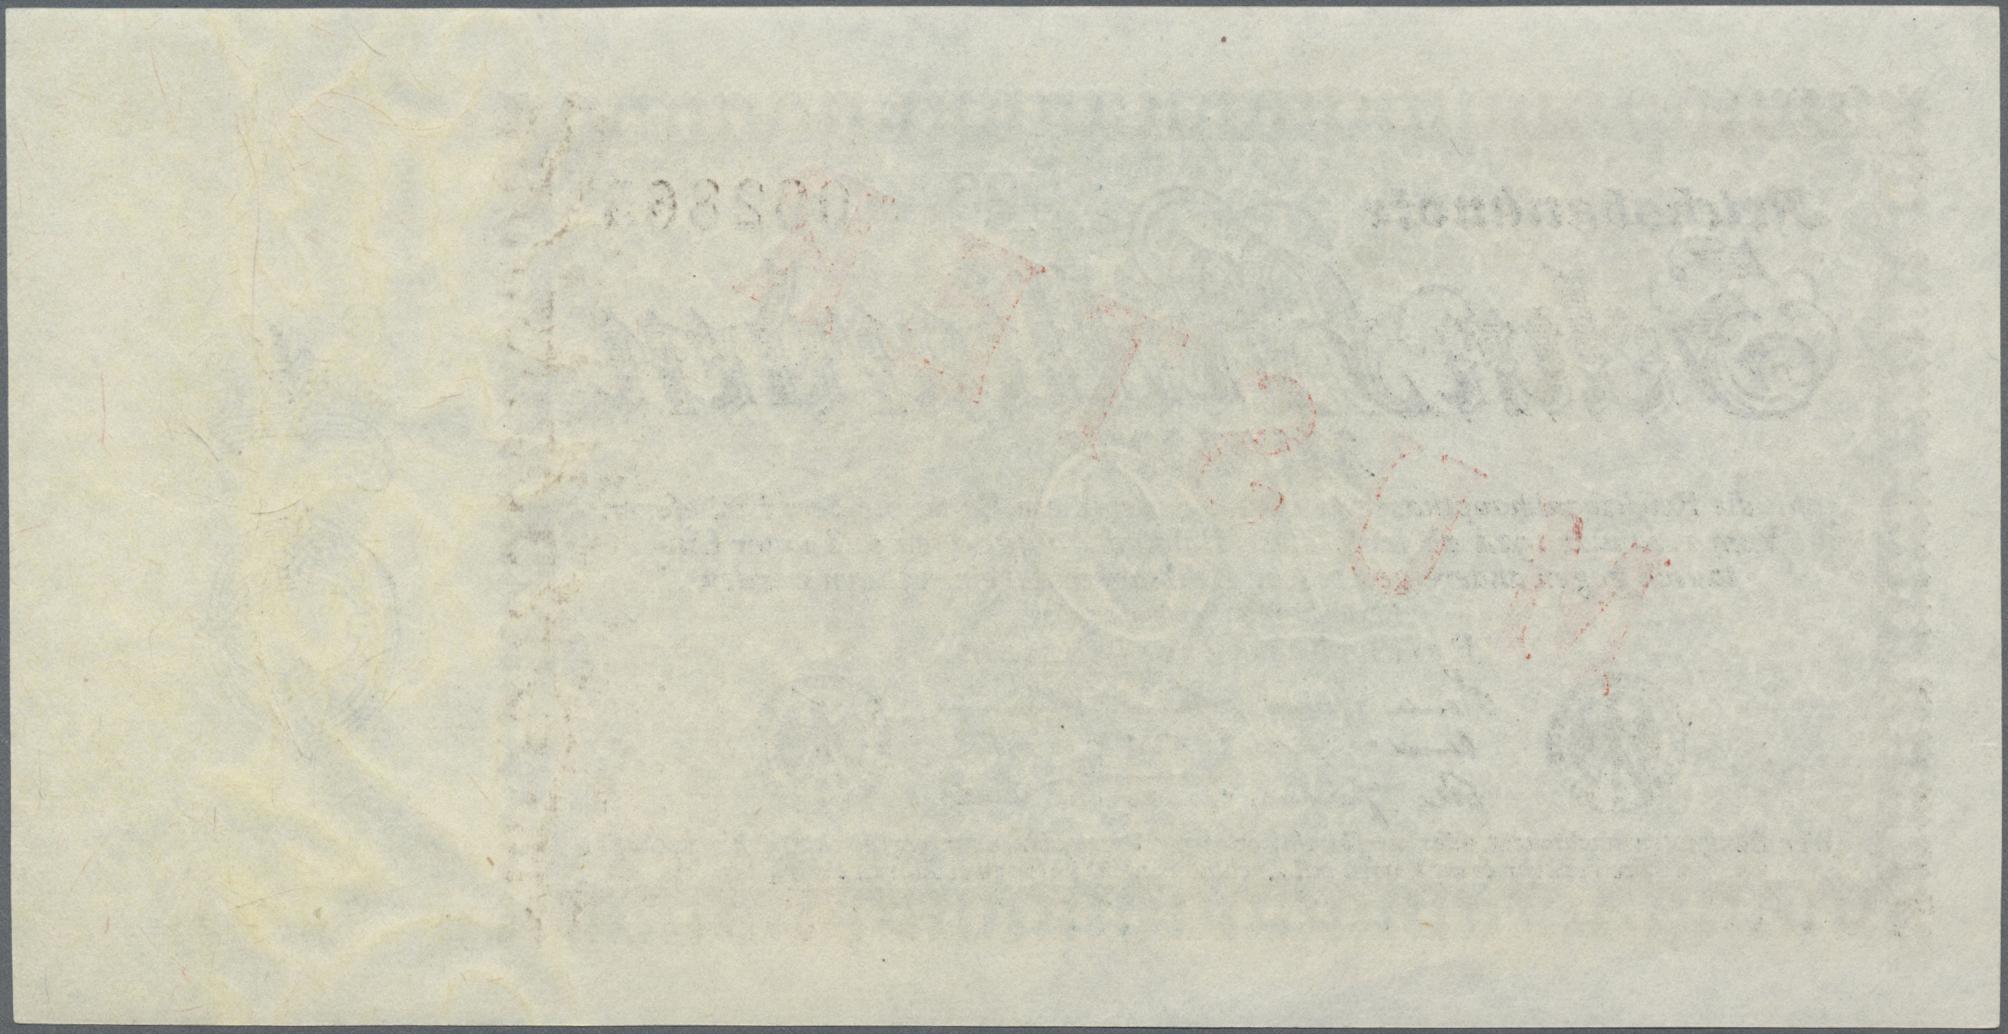 Lot 03339 - Deutschland - Deutsches Reich bis 1945 | Banknoten  -  Auktionshaus Christoph Gärtner GmbH & Co. KG Sale #45 Banknotes Germany/Numismatics